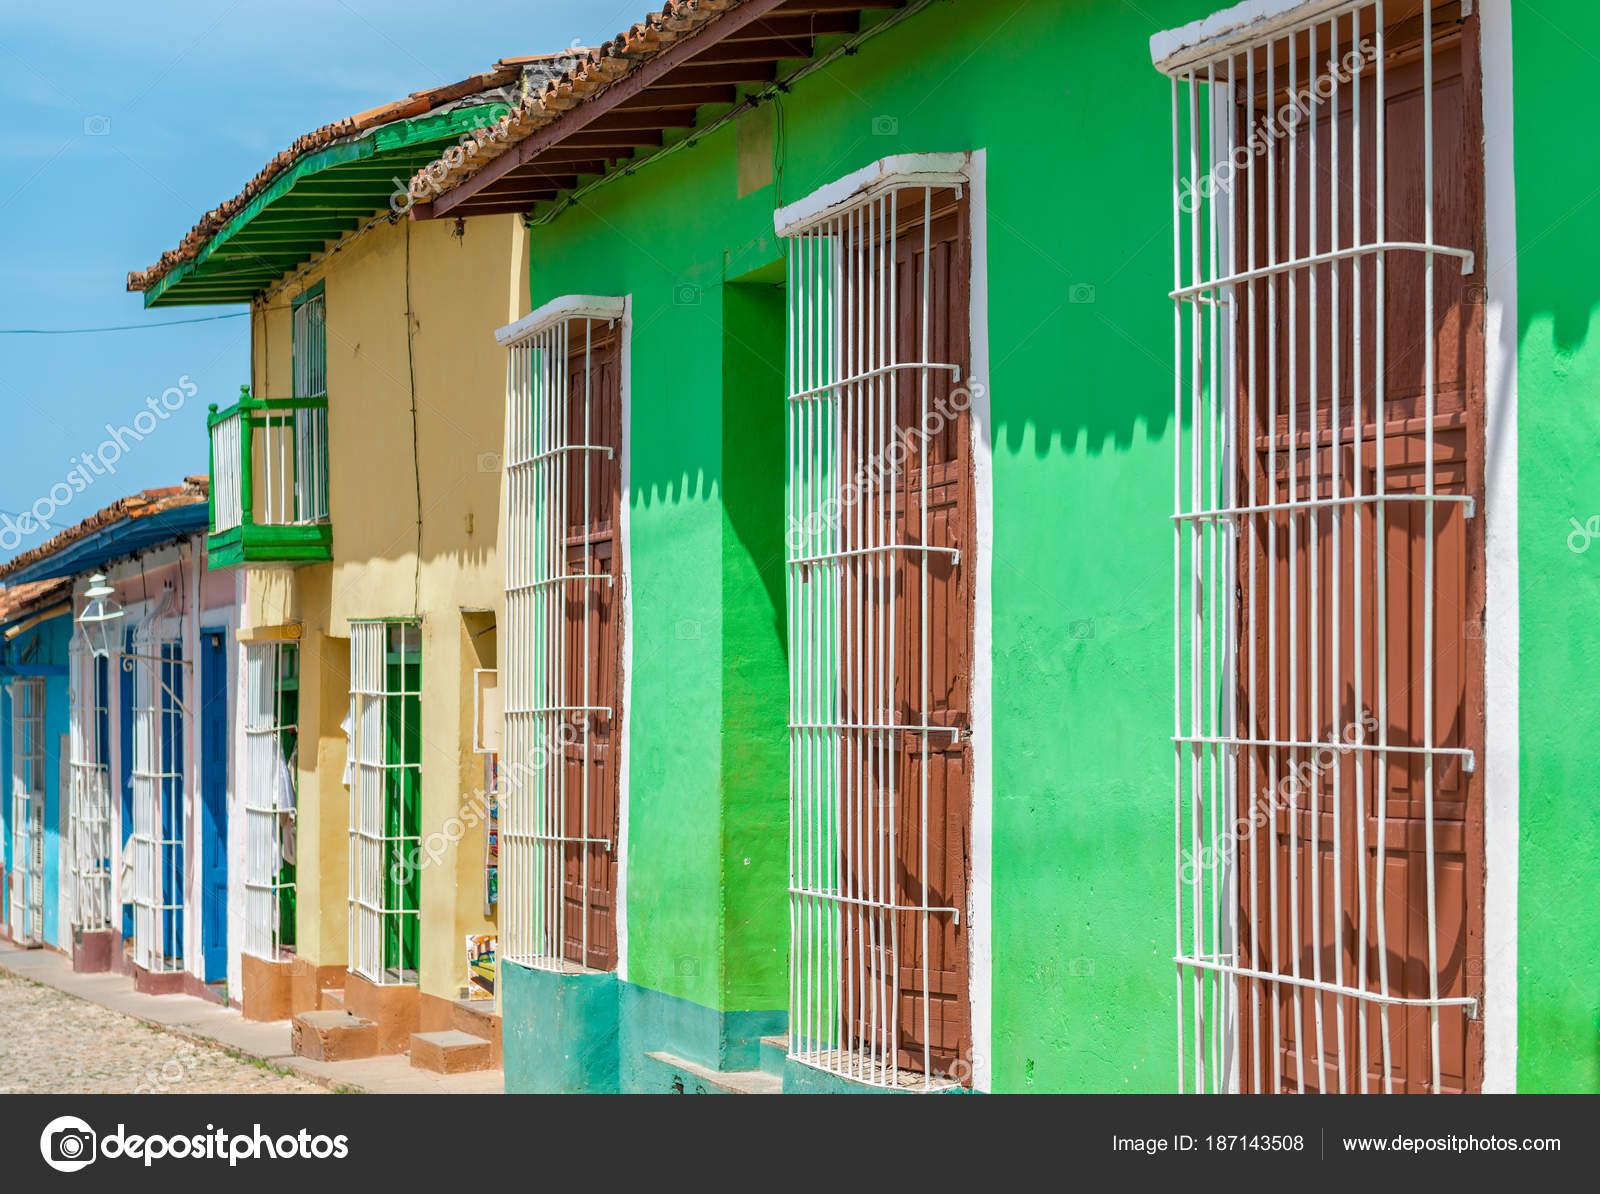 Trinidad Cuba: Häusern im Kolonialstil mit lebendigen Farben ...